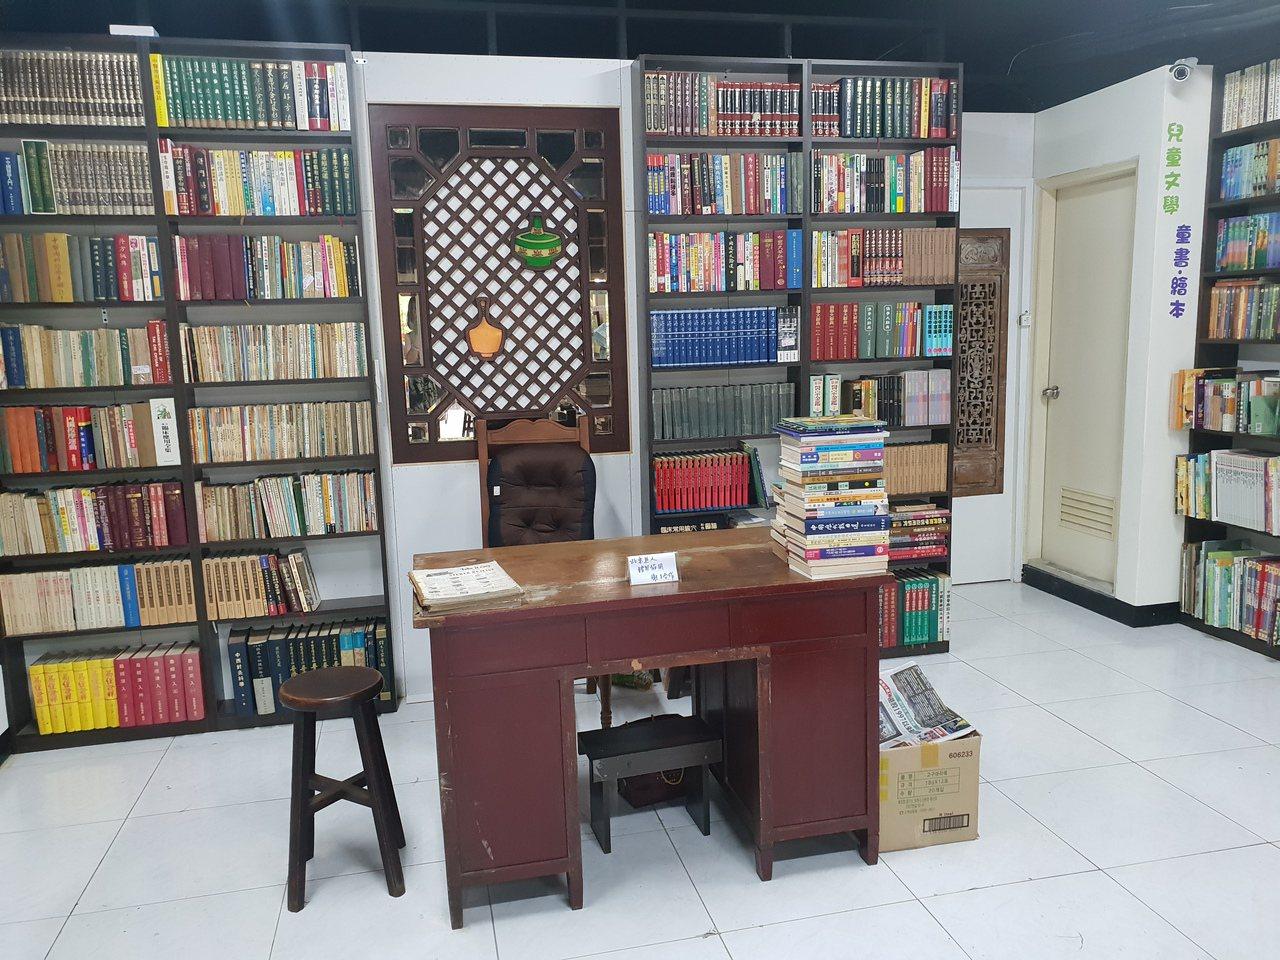 無人書店有一張典雅的書桌,但沒有店主坐在上面。記者陳宛茜/攝影